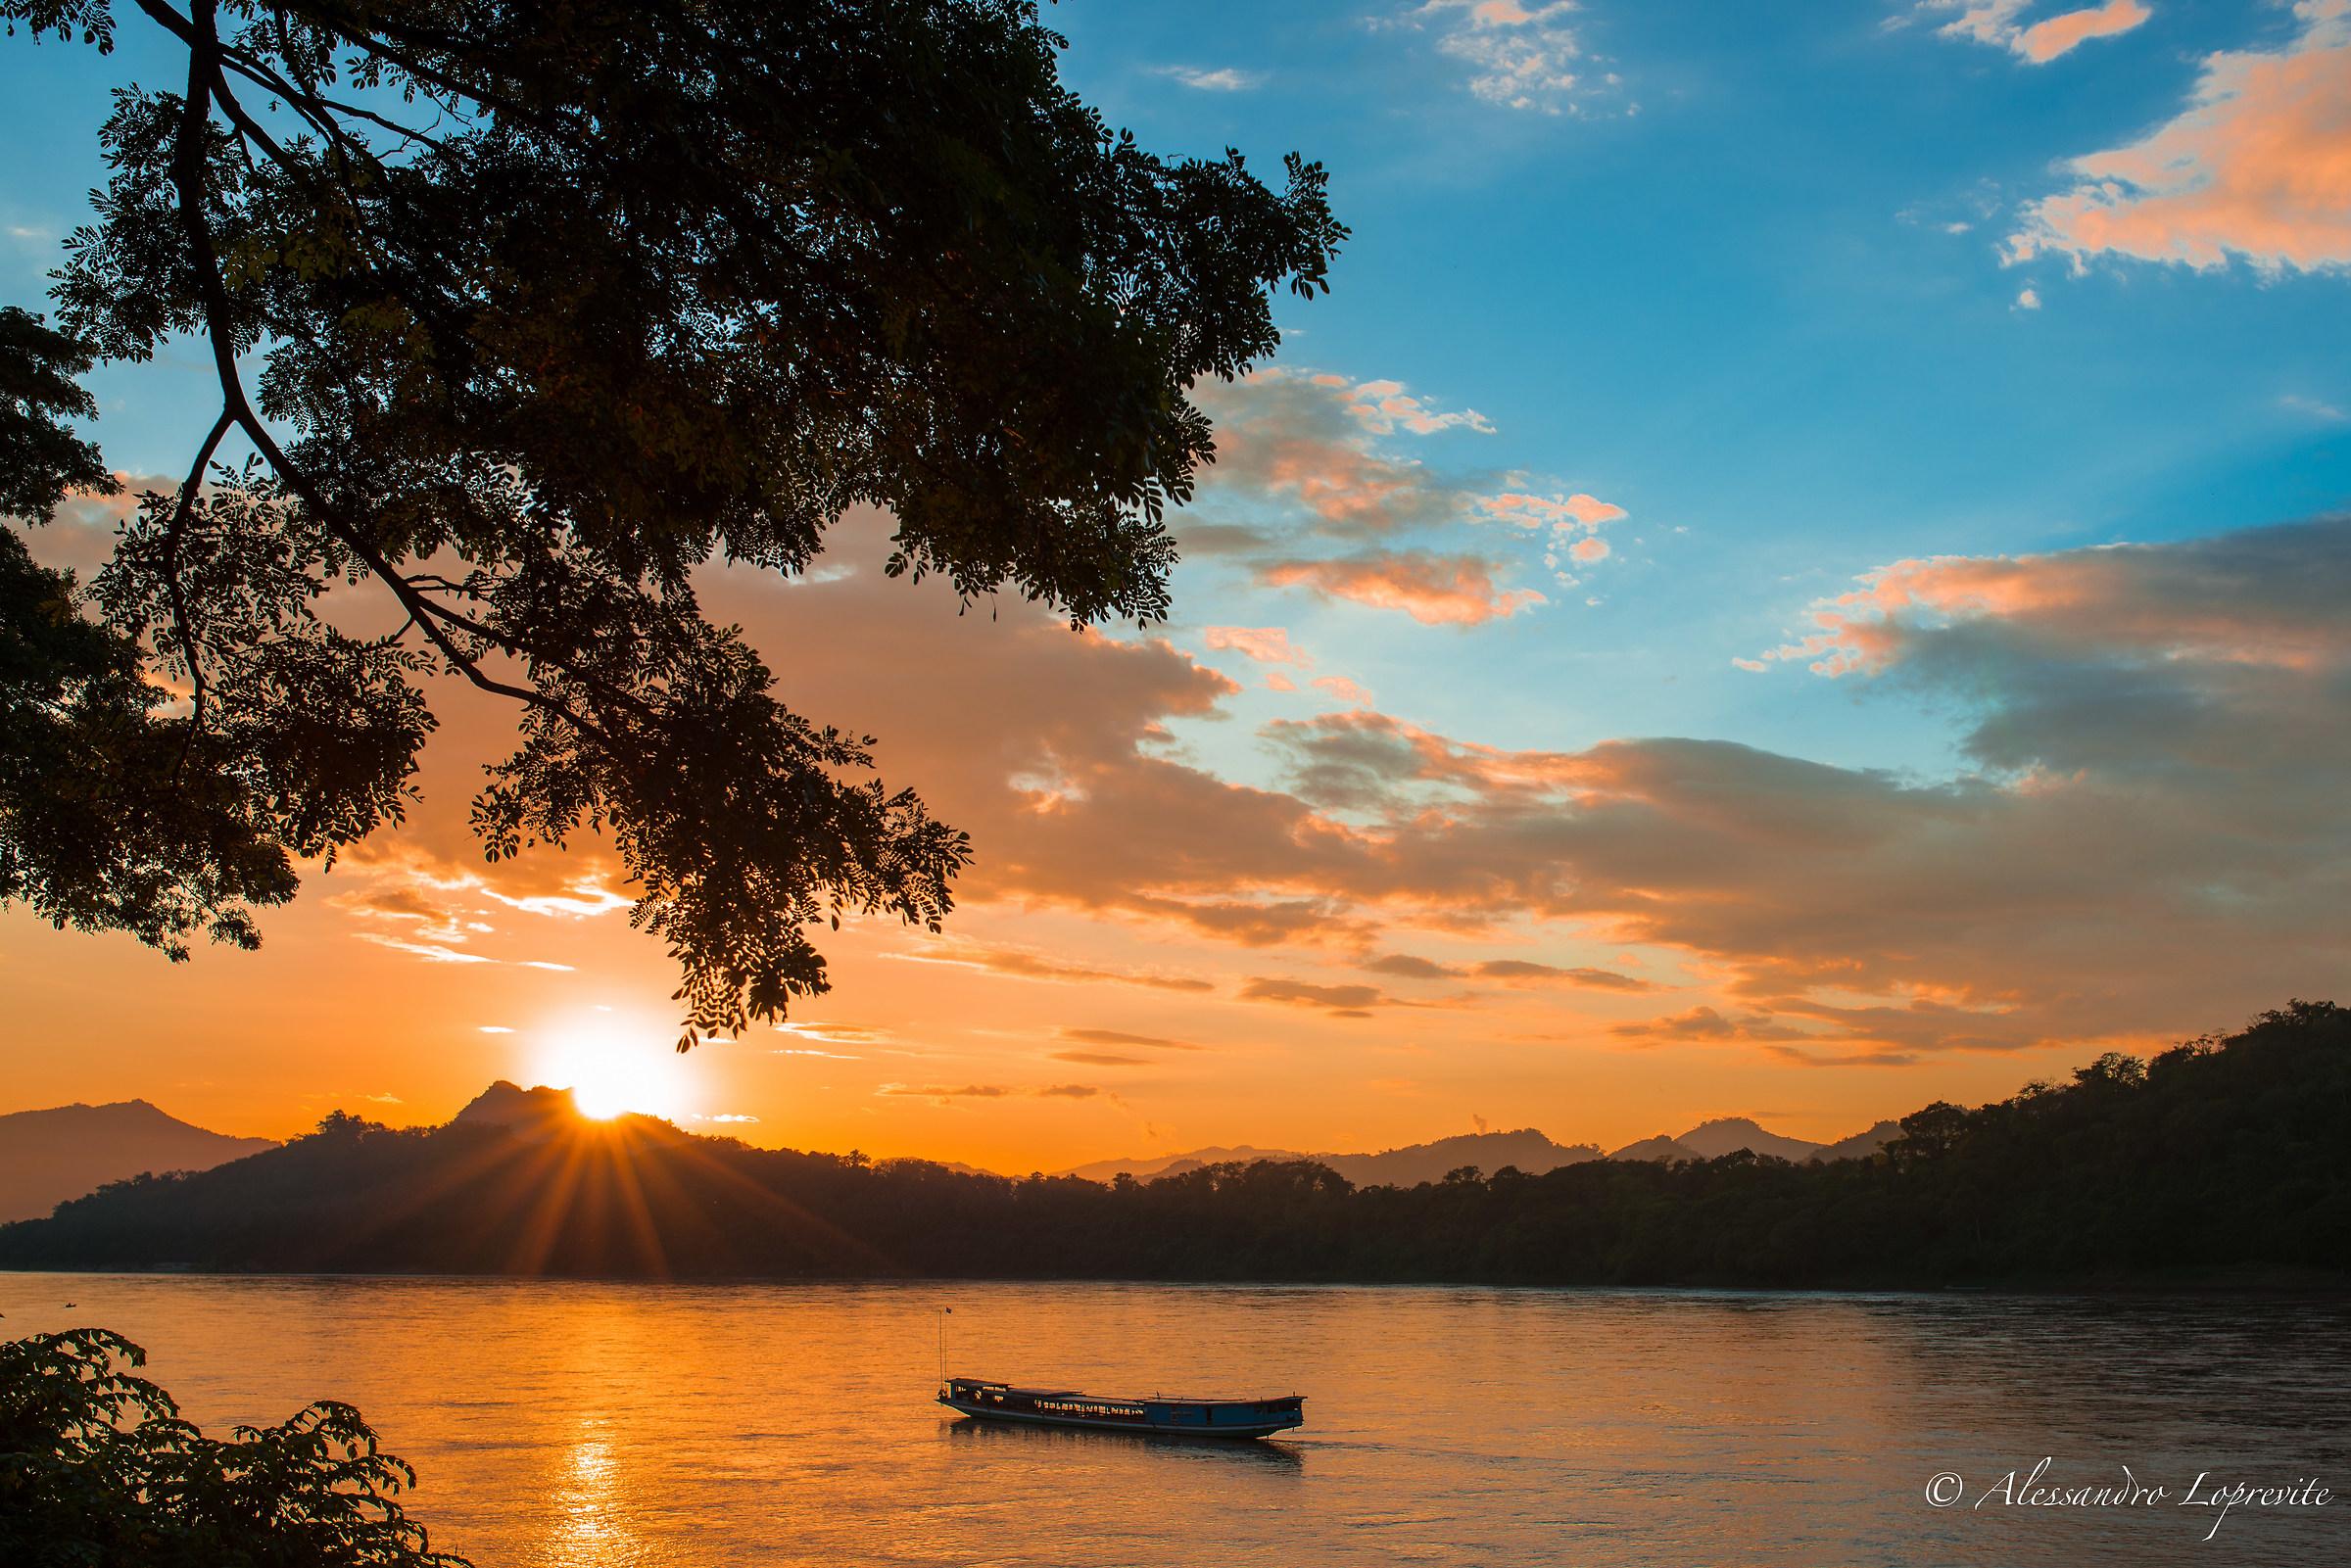 Sunset on the Mekong to Luang Prabang...